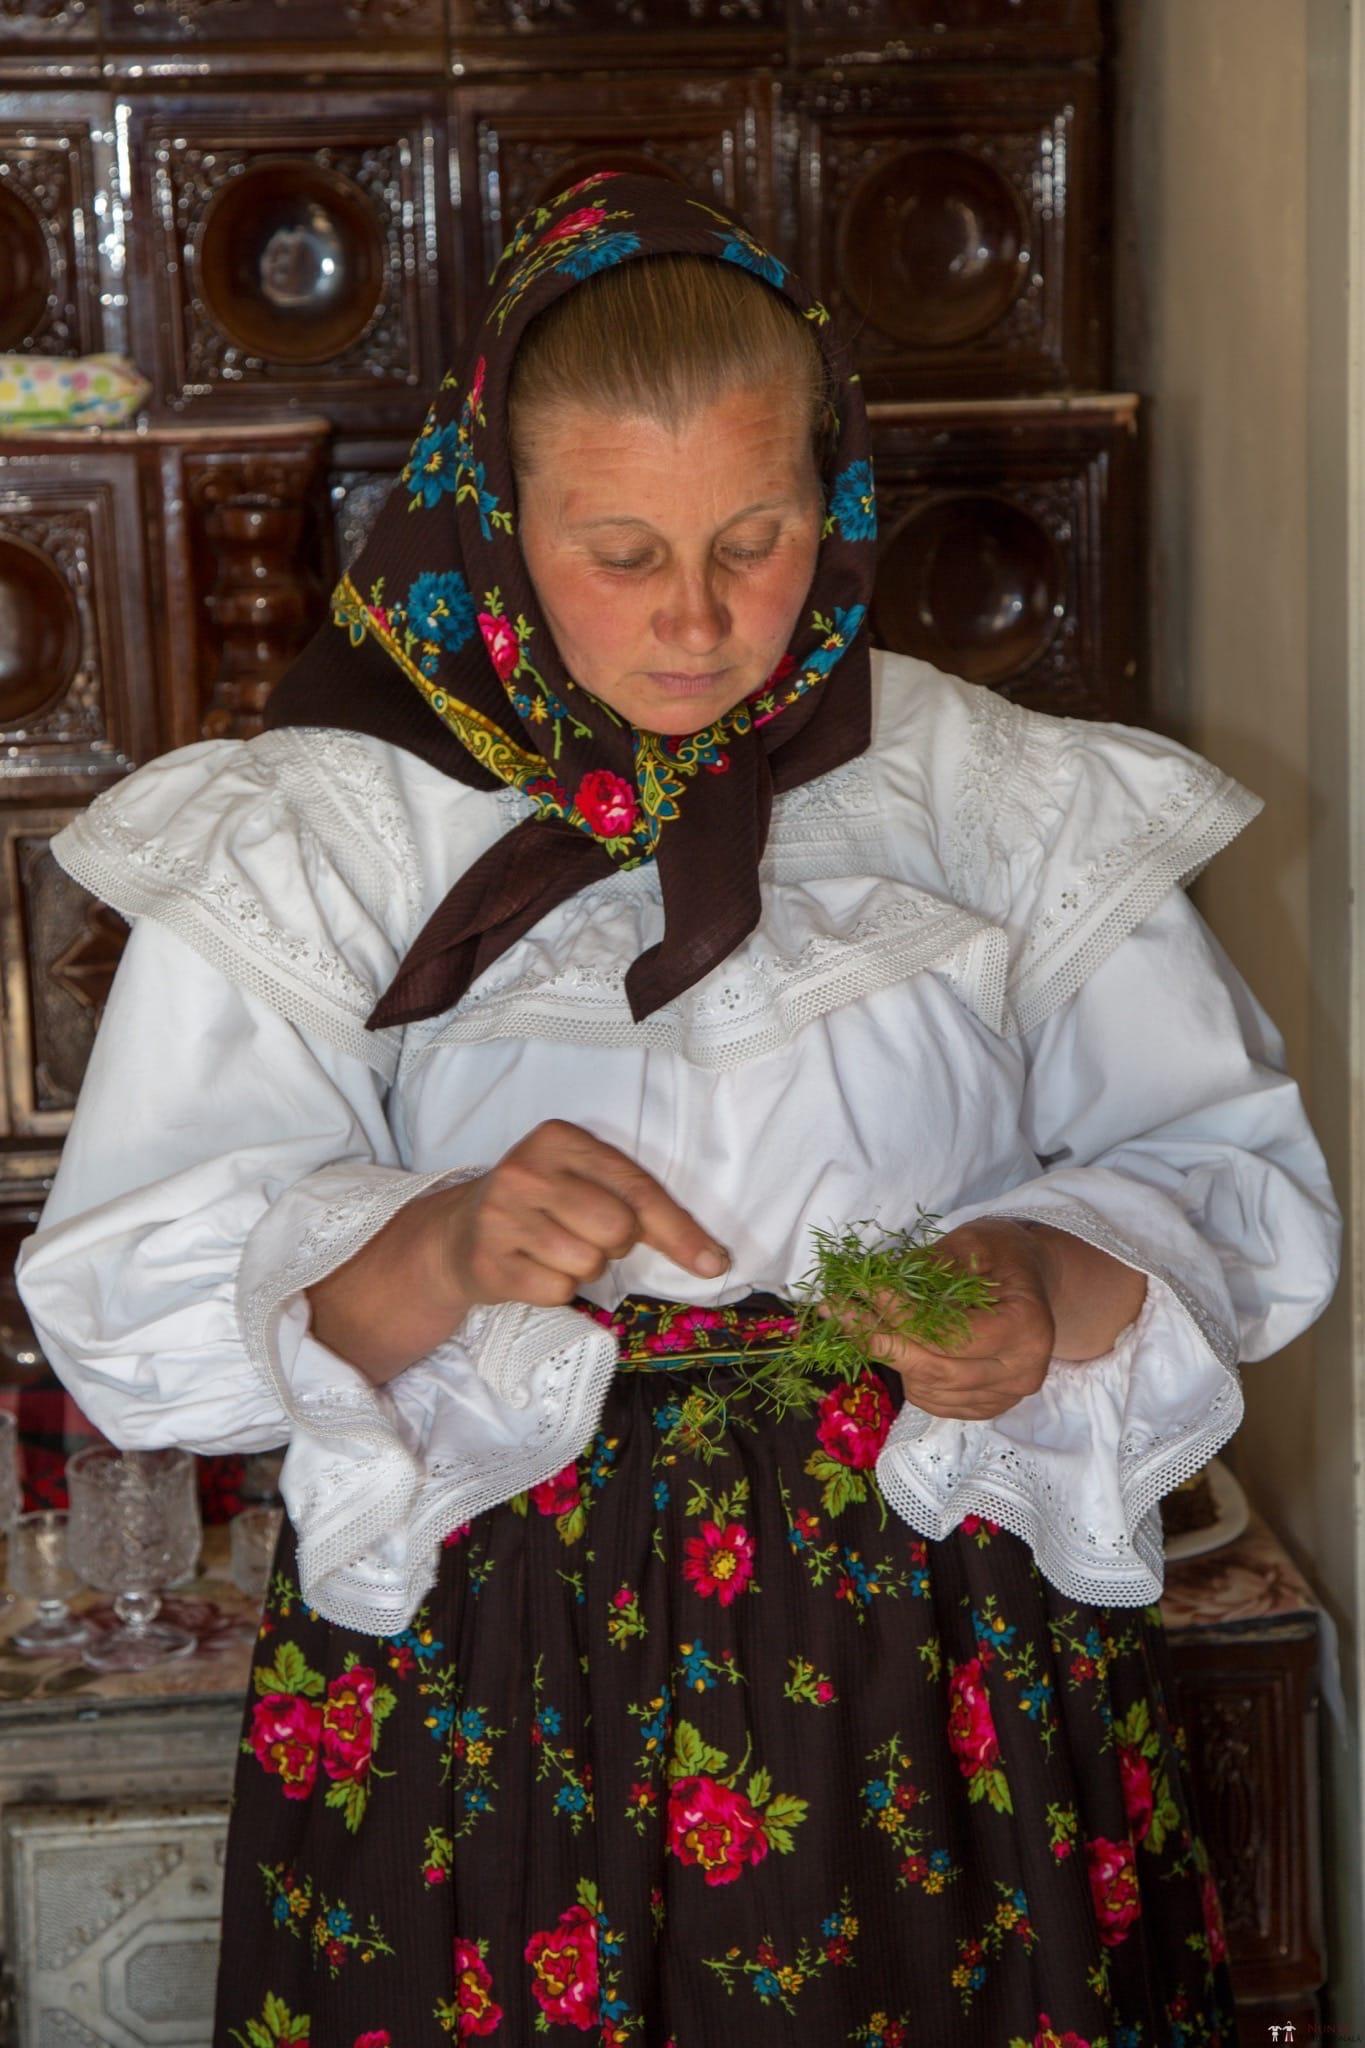 Povești Nunți Tradiționale - Ancuța și Nicu, cununie tradițională în Giulești, Maramureș 2